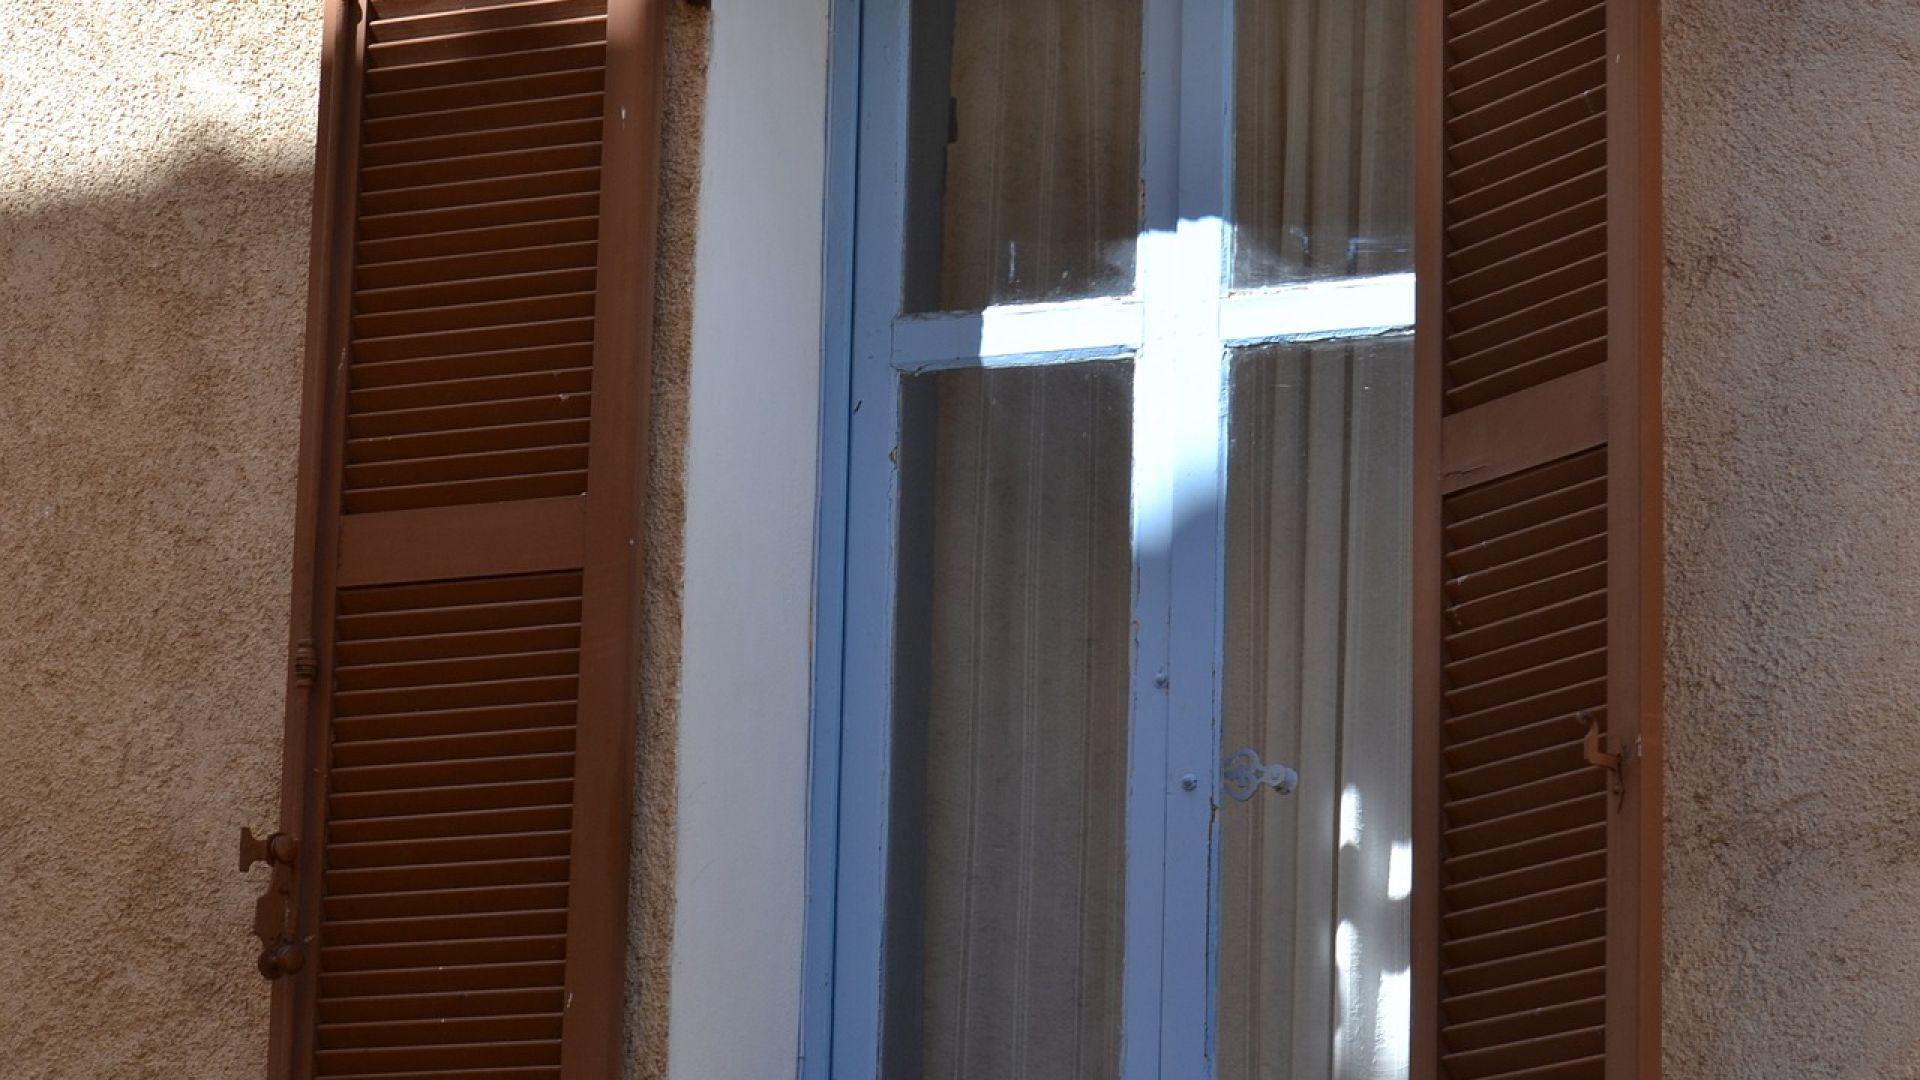 Възможно ли е прозорците да не се чупят? Да, ако със стъкло от дърво